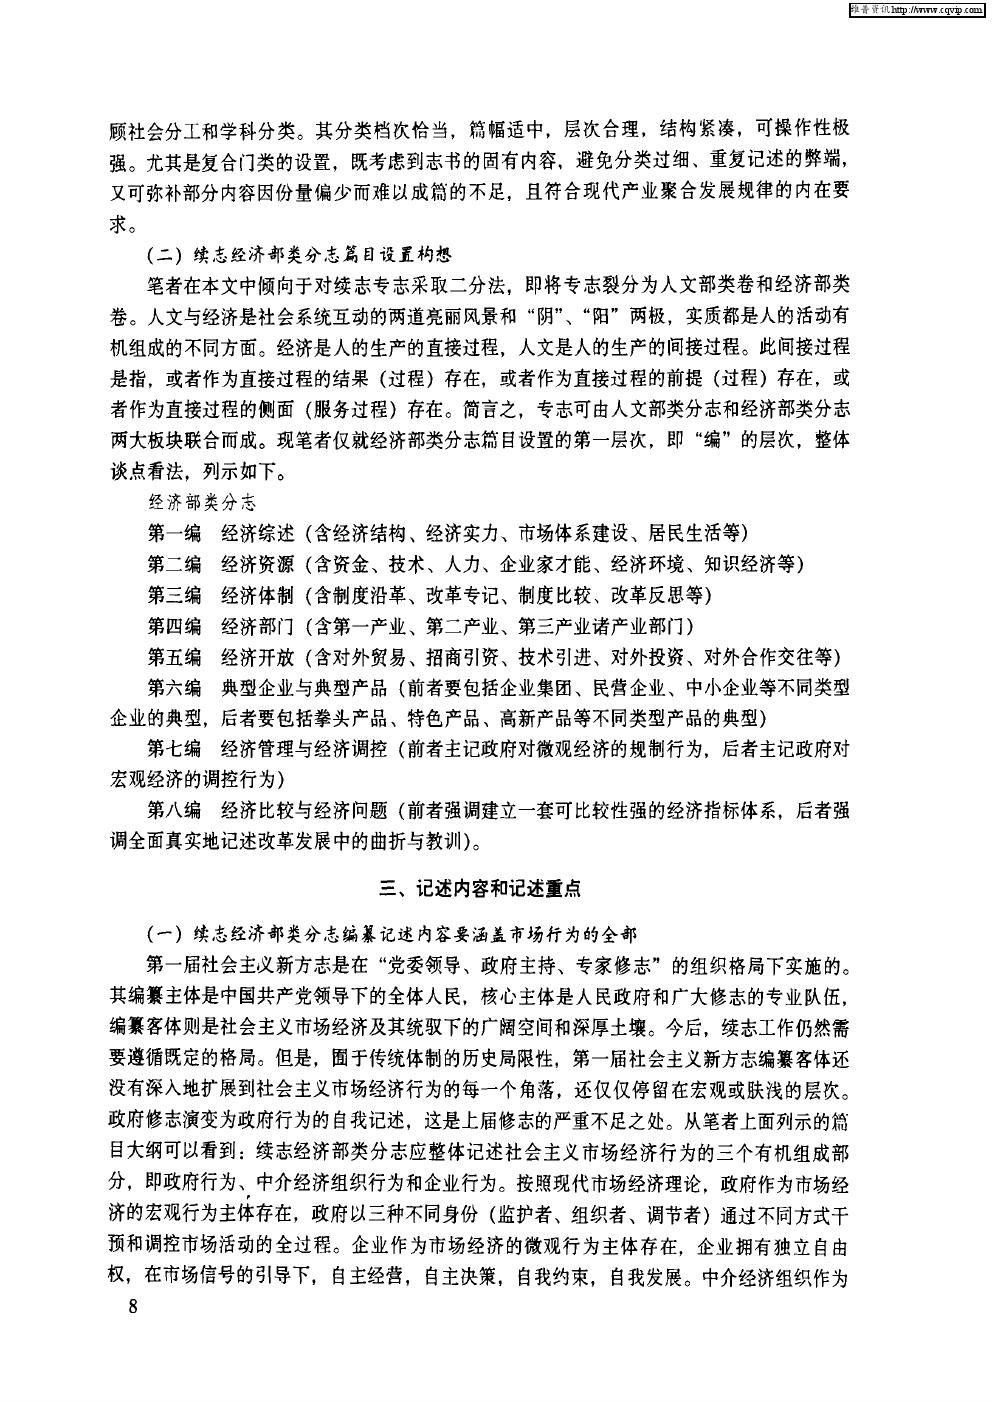 续志经济部类分志编纂若干问题探要3.png